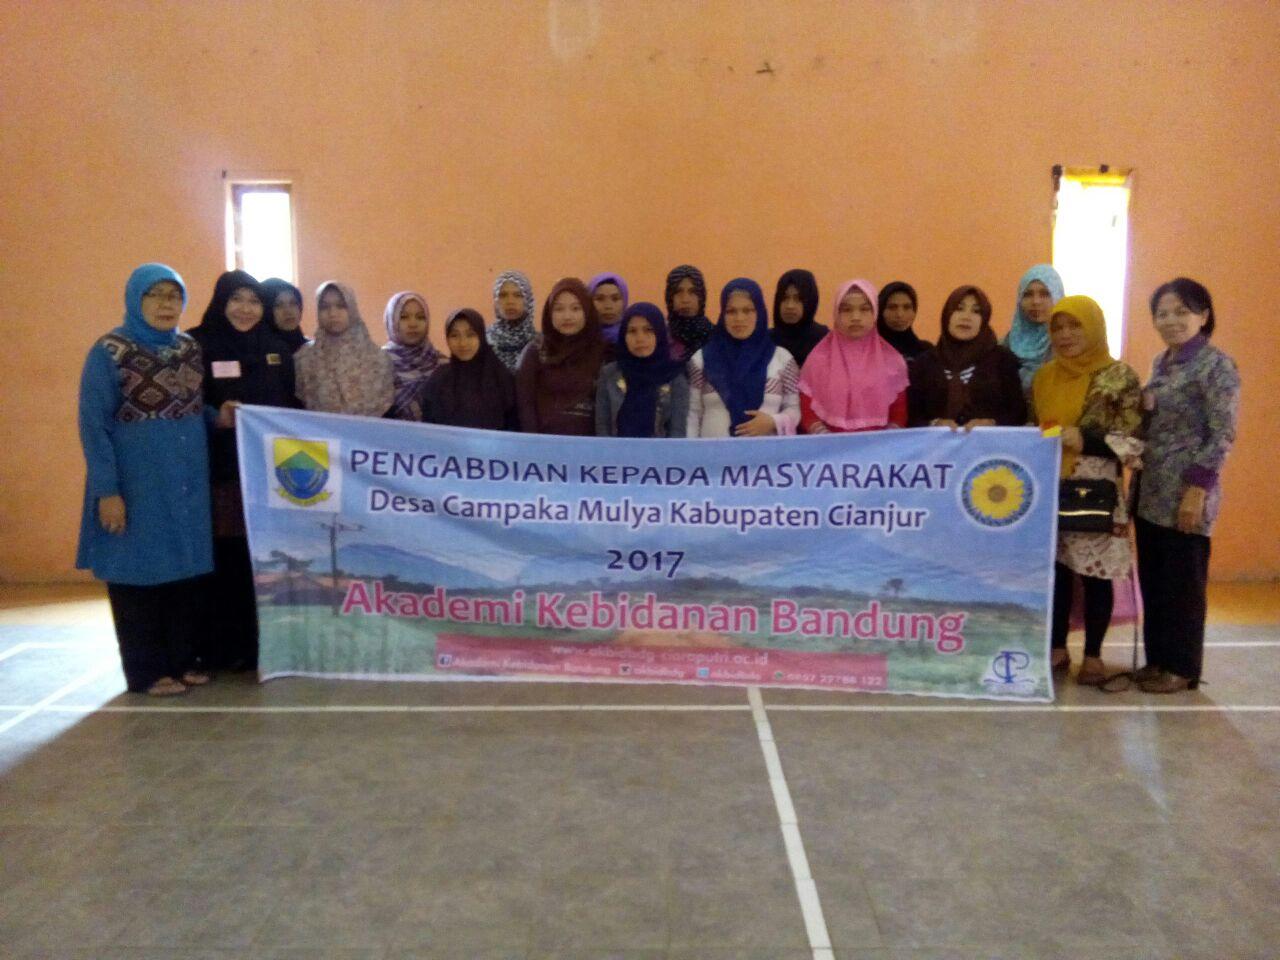 Akbid Bandung Ciara Putri Oleh Fitrah Dani 06 02 2017